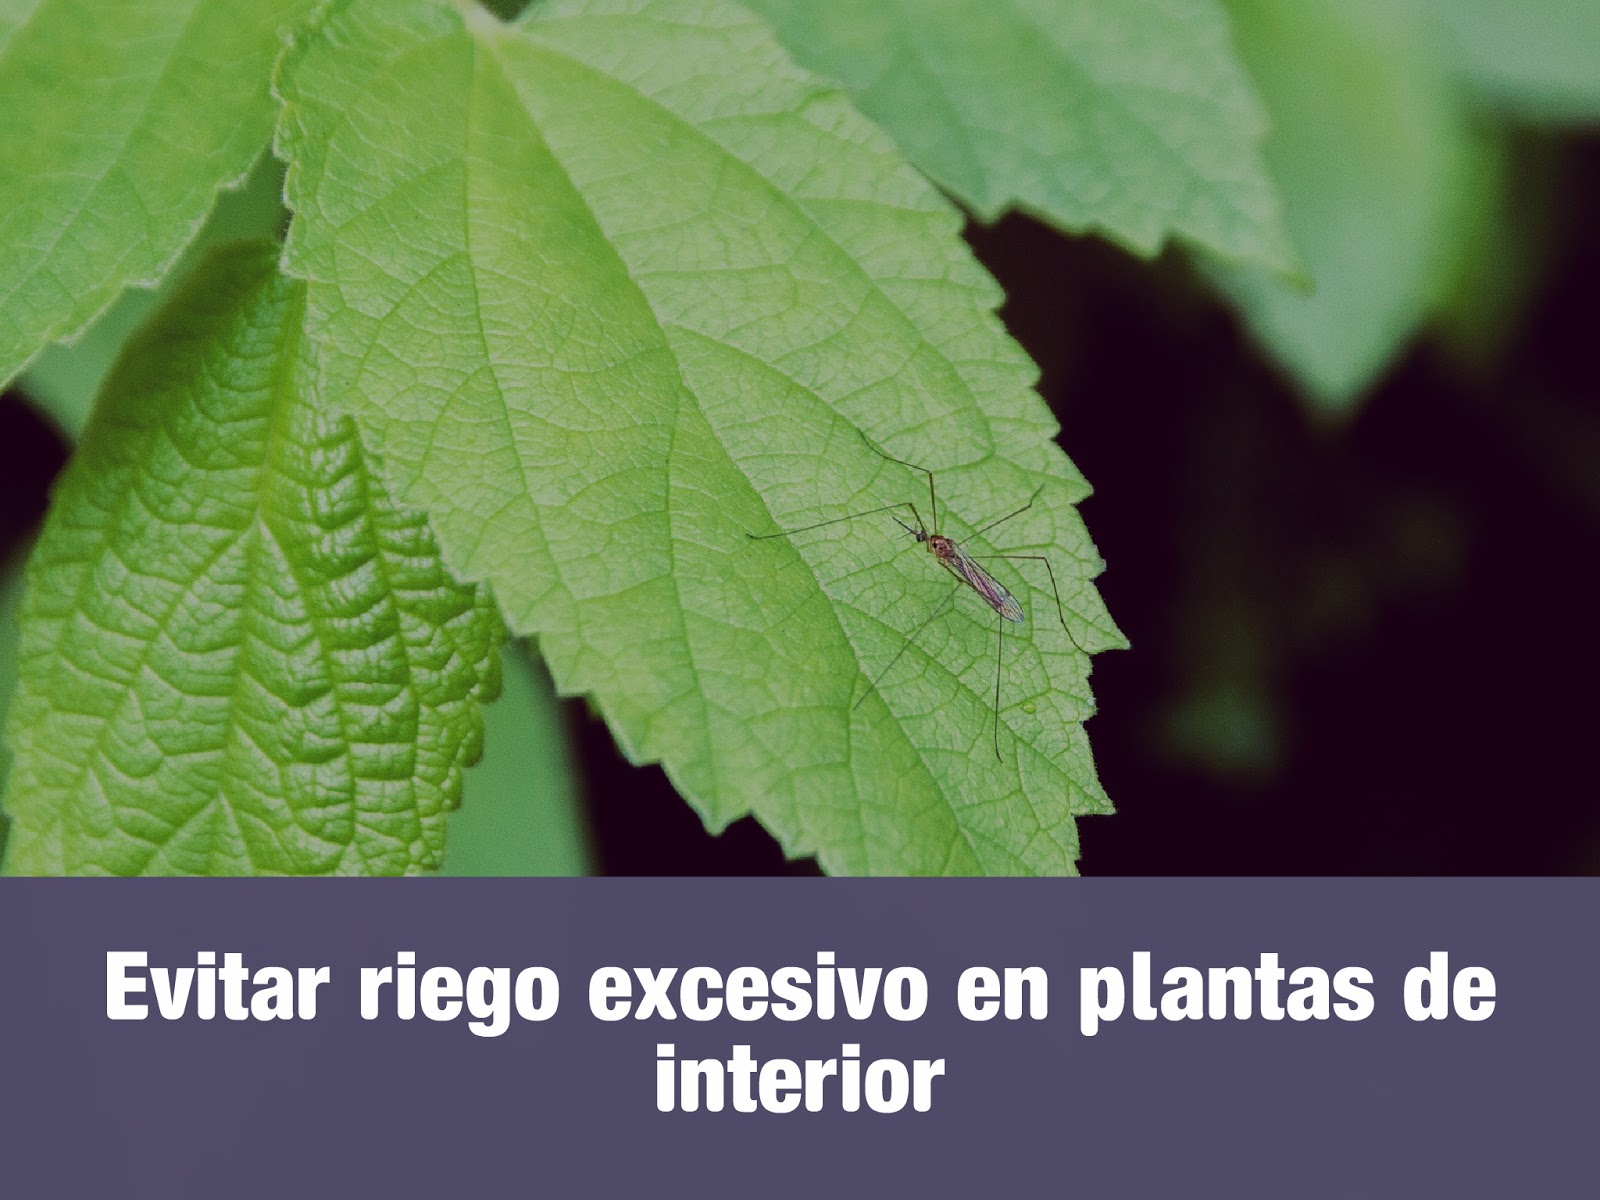 evitar-riego-excesivo-en-plantas-de-interior